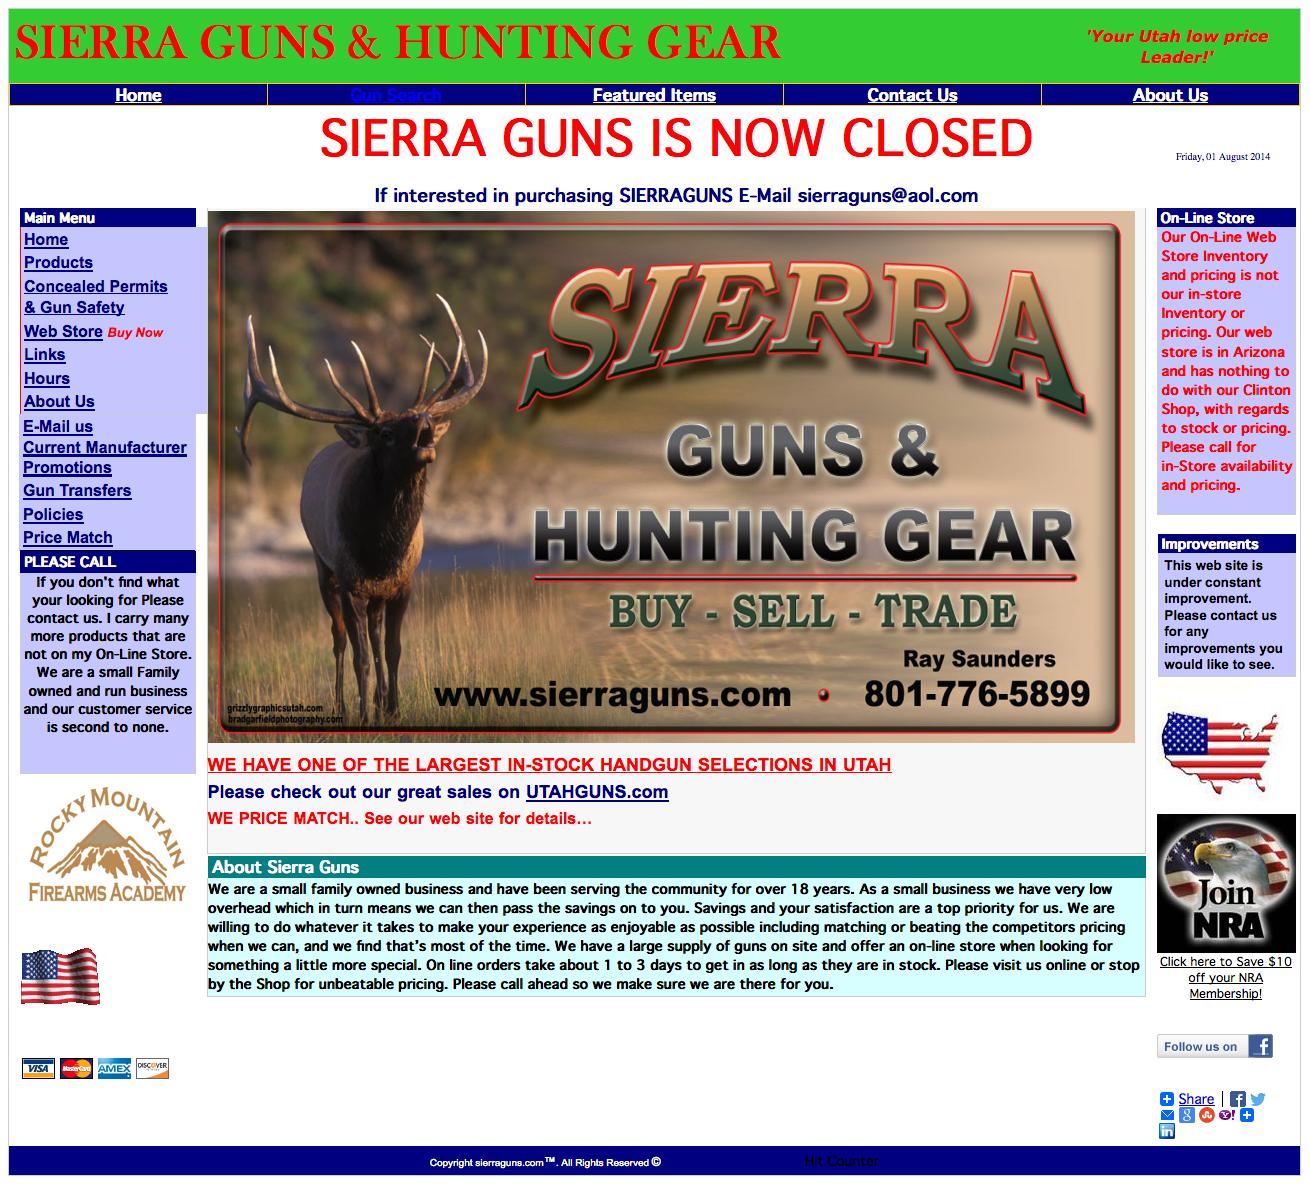 Sierra Guns